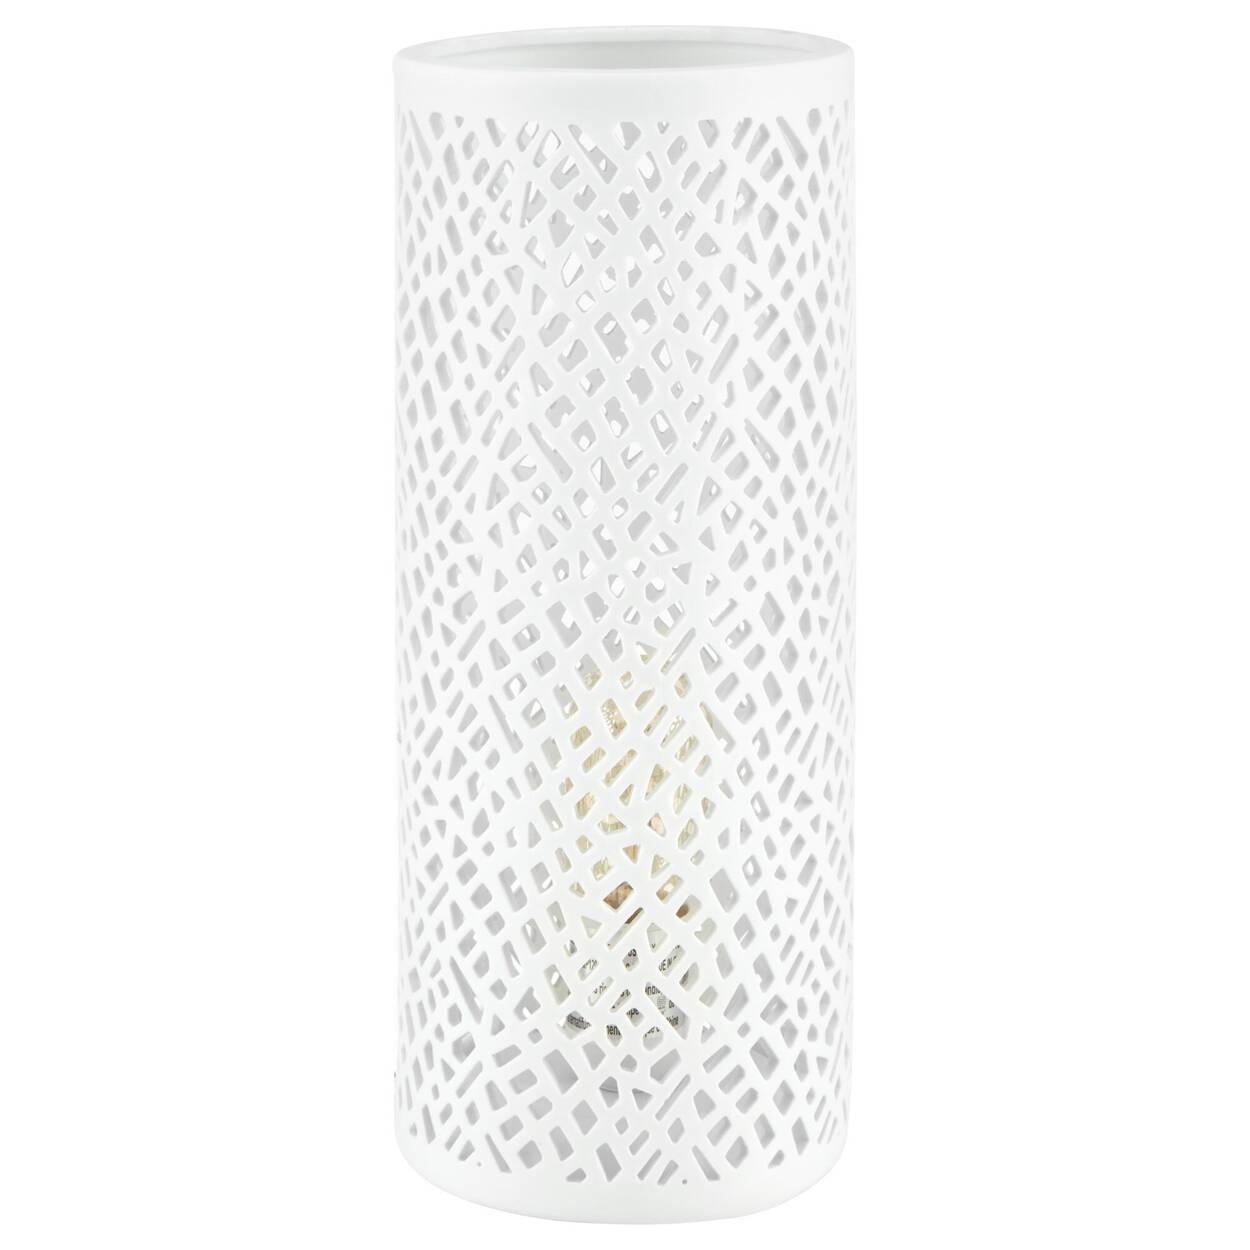 Lampe de table tube ajouré avec découpes